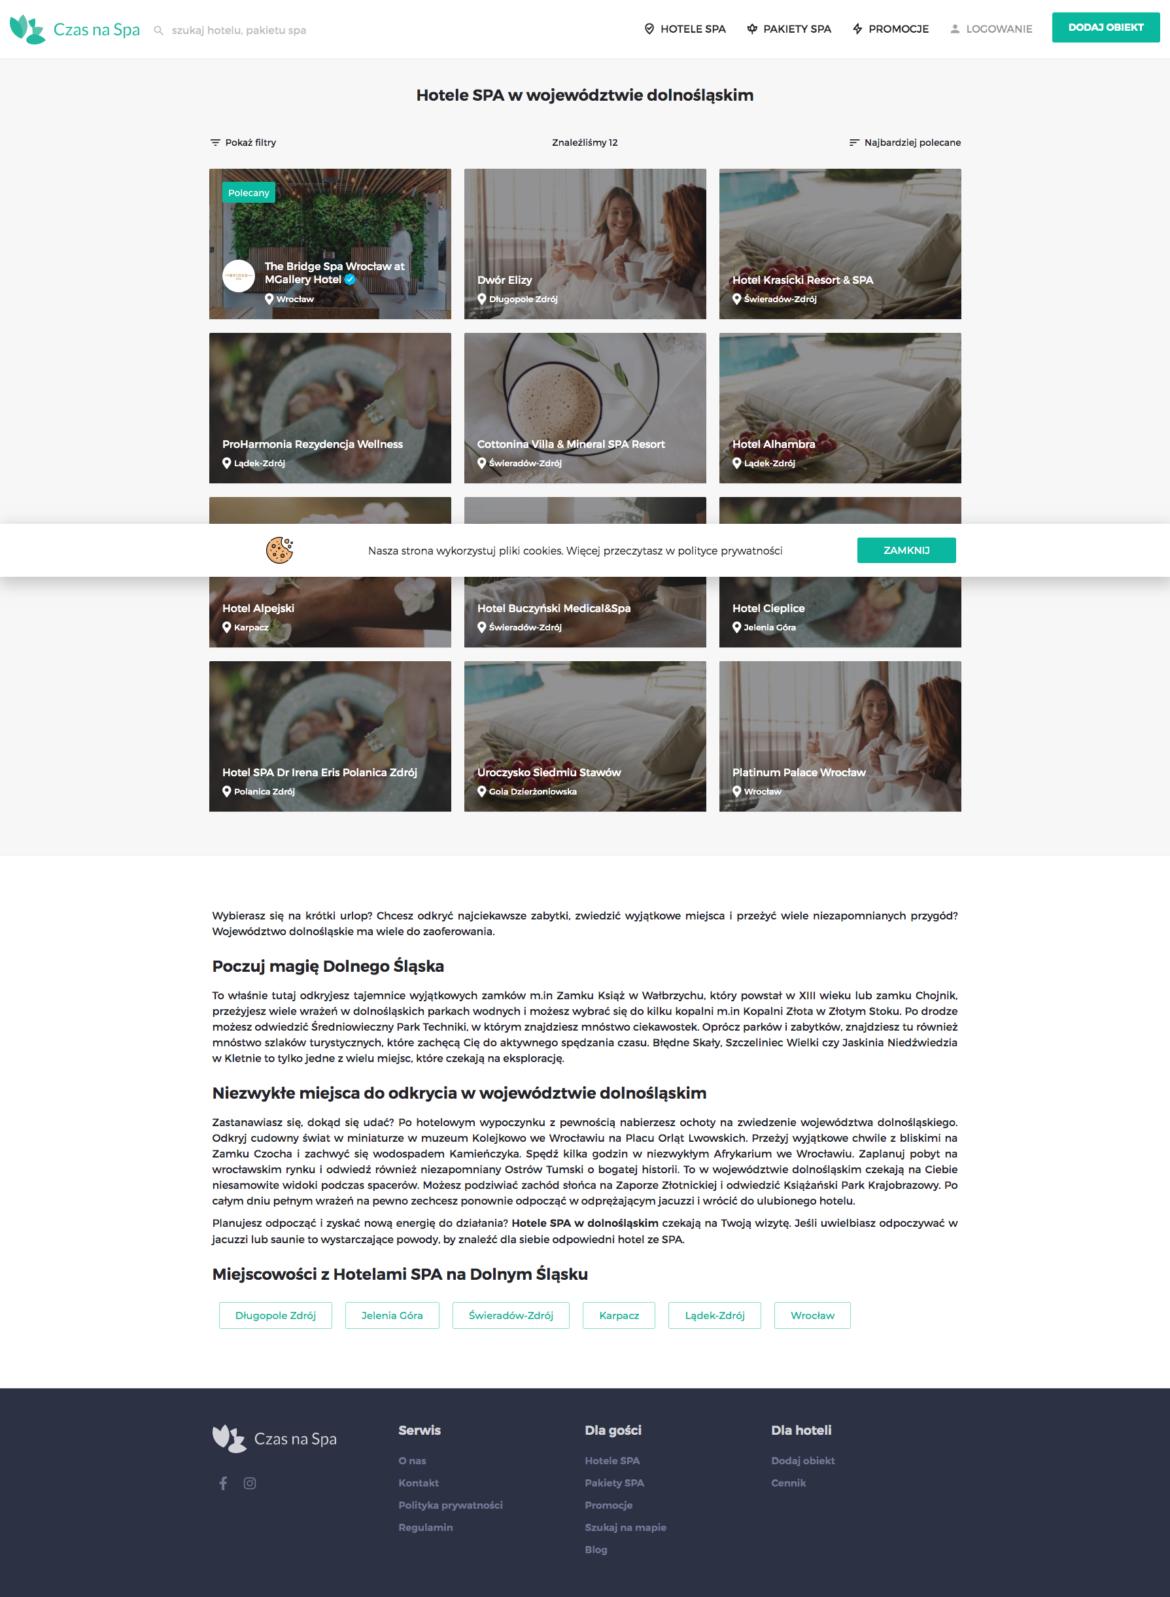 Tekst reklamowy ohotelach 1170x1597 - Portfolio